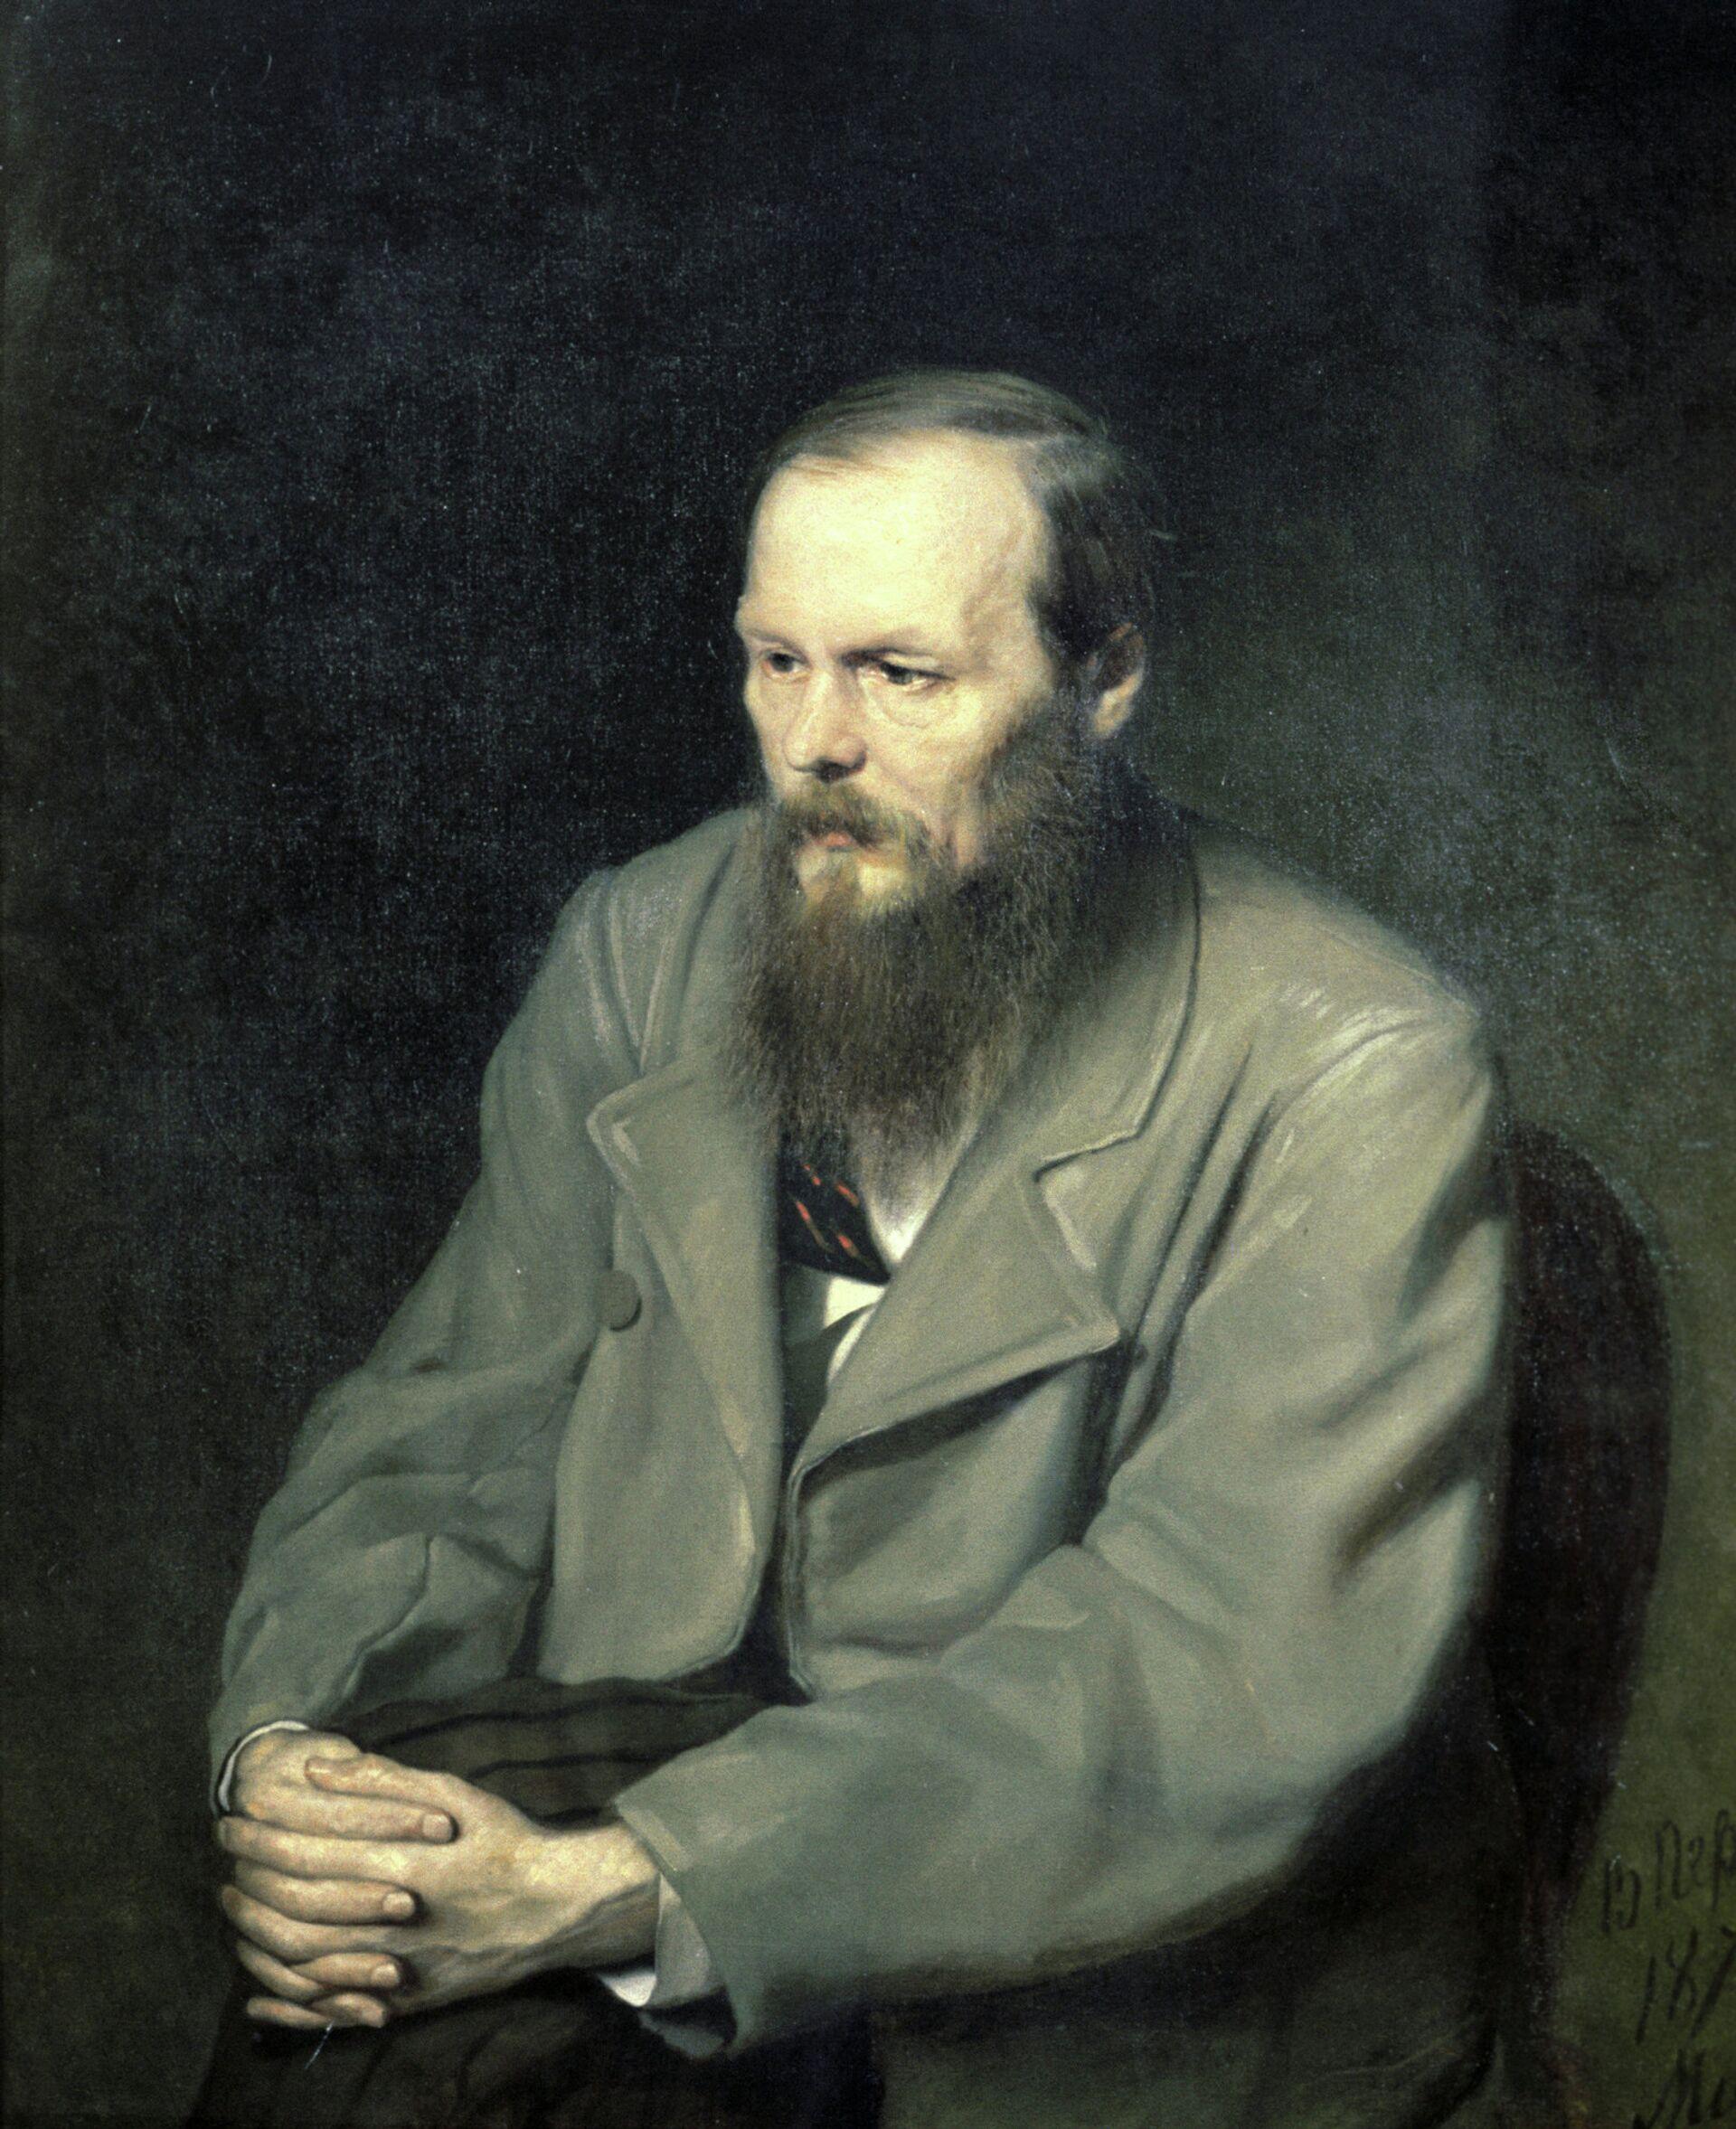 Репродукция картины Портрет Ф. М. Достоевского - РИА Новости, 1920, 12.09.2021